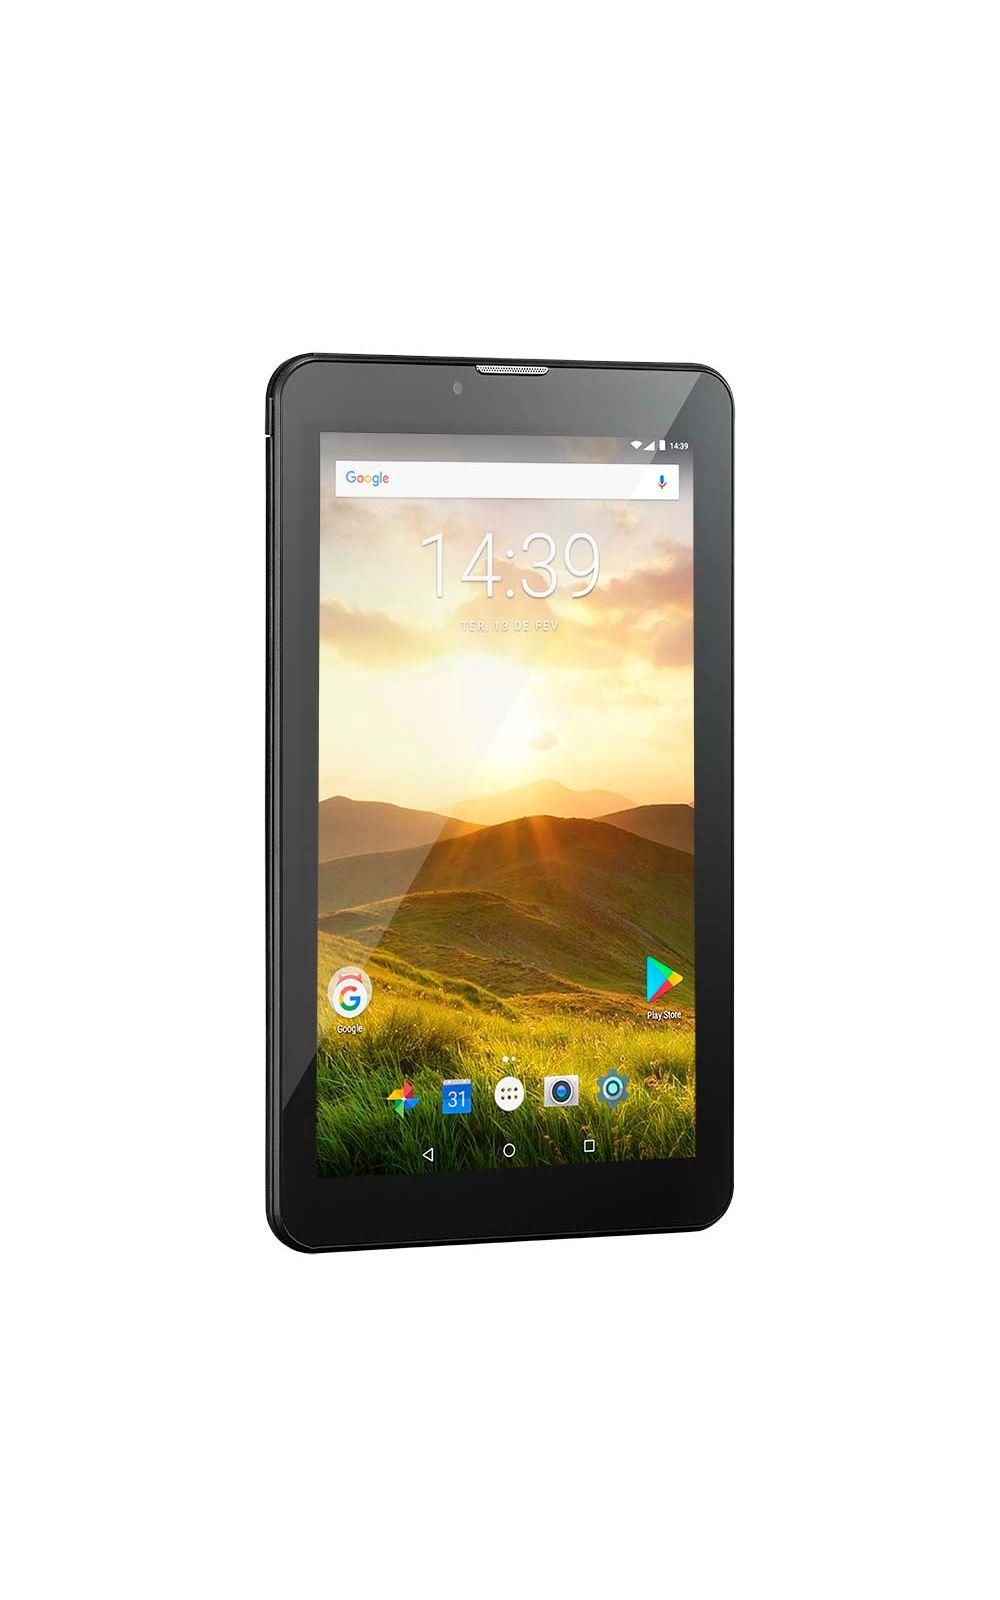 Foto 2 - Tablet Multilaser M7 4G Plus Quad Core 1GB 8GB Tela 7 Pol. Android Dual Câmera Preto - NB285